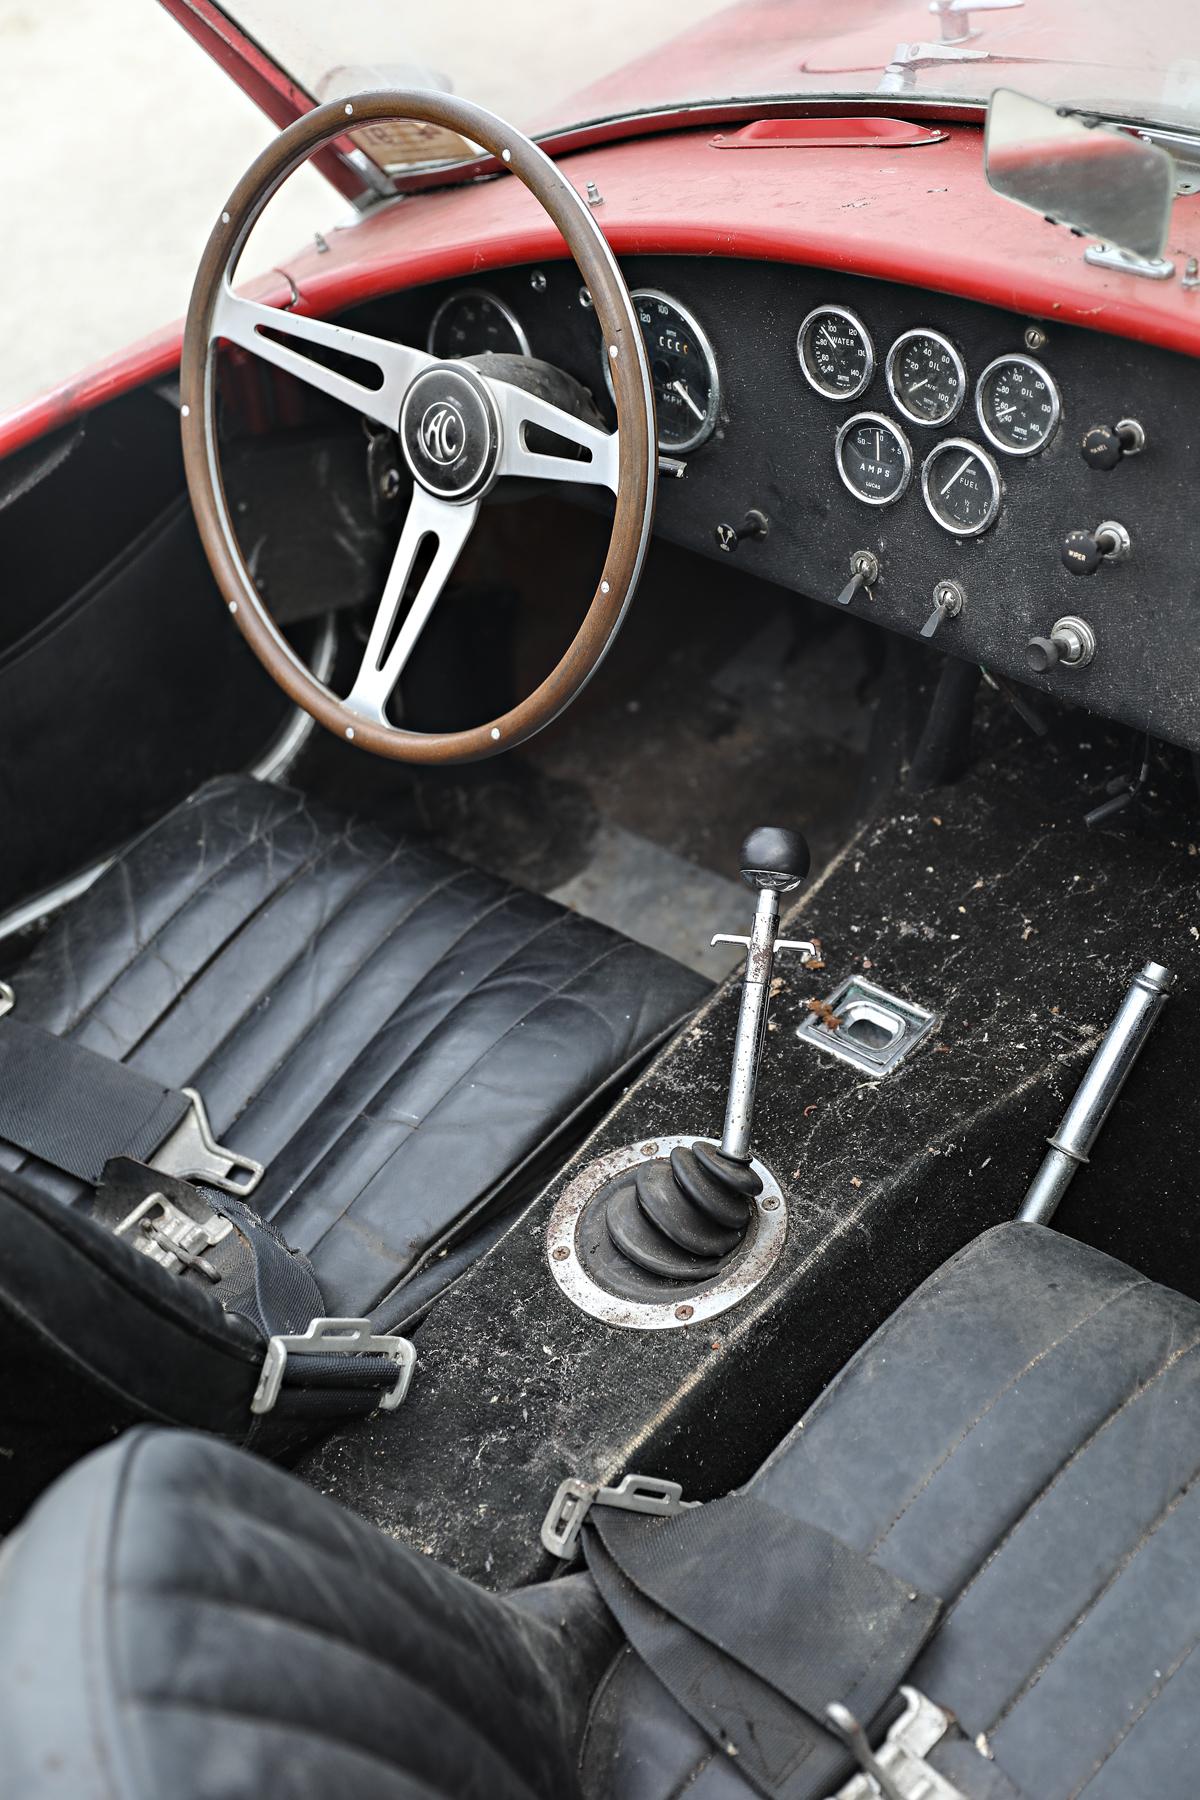 interior of a 1966 Shelby Cobra 427